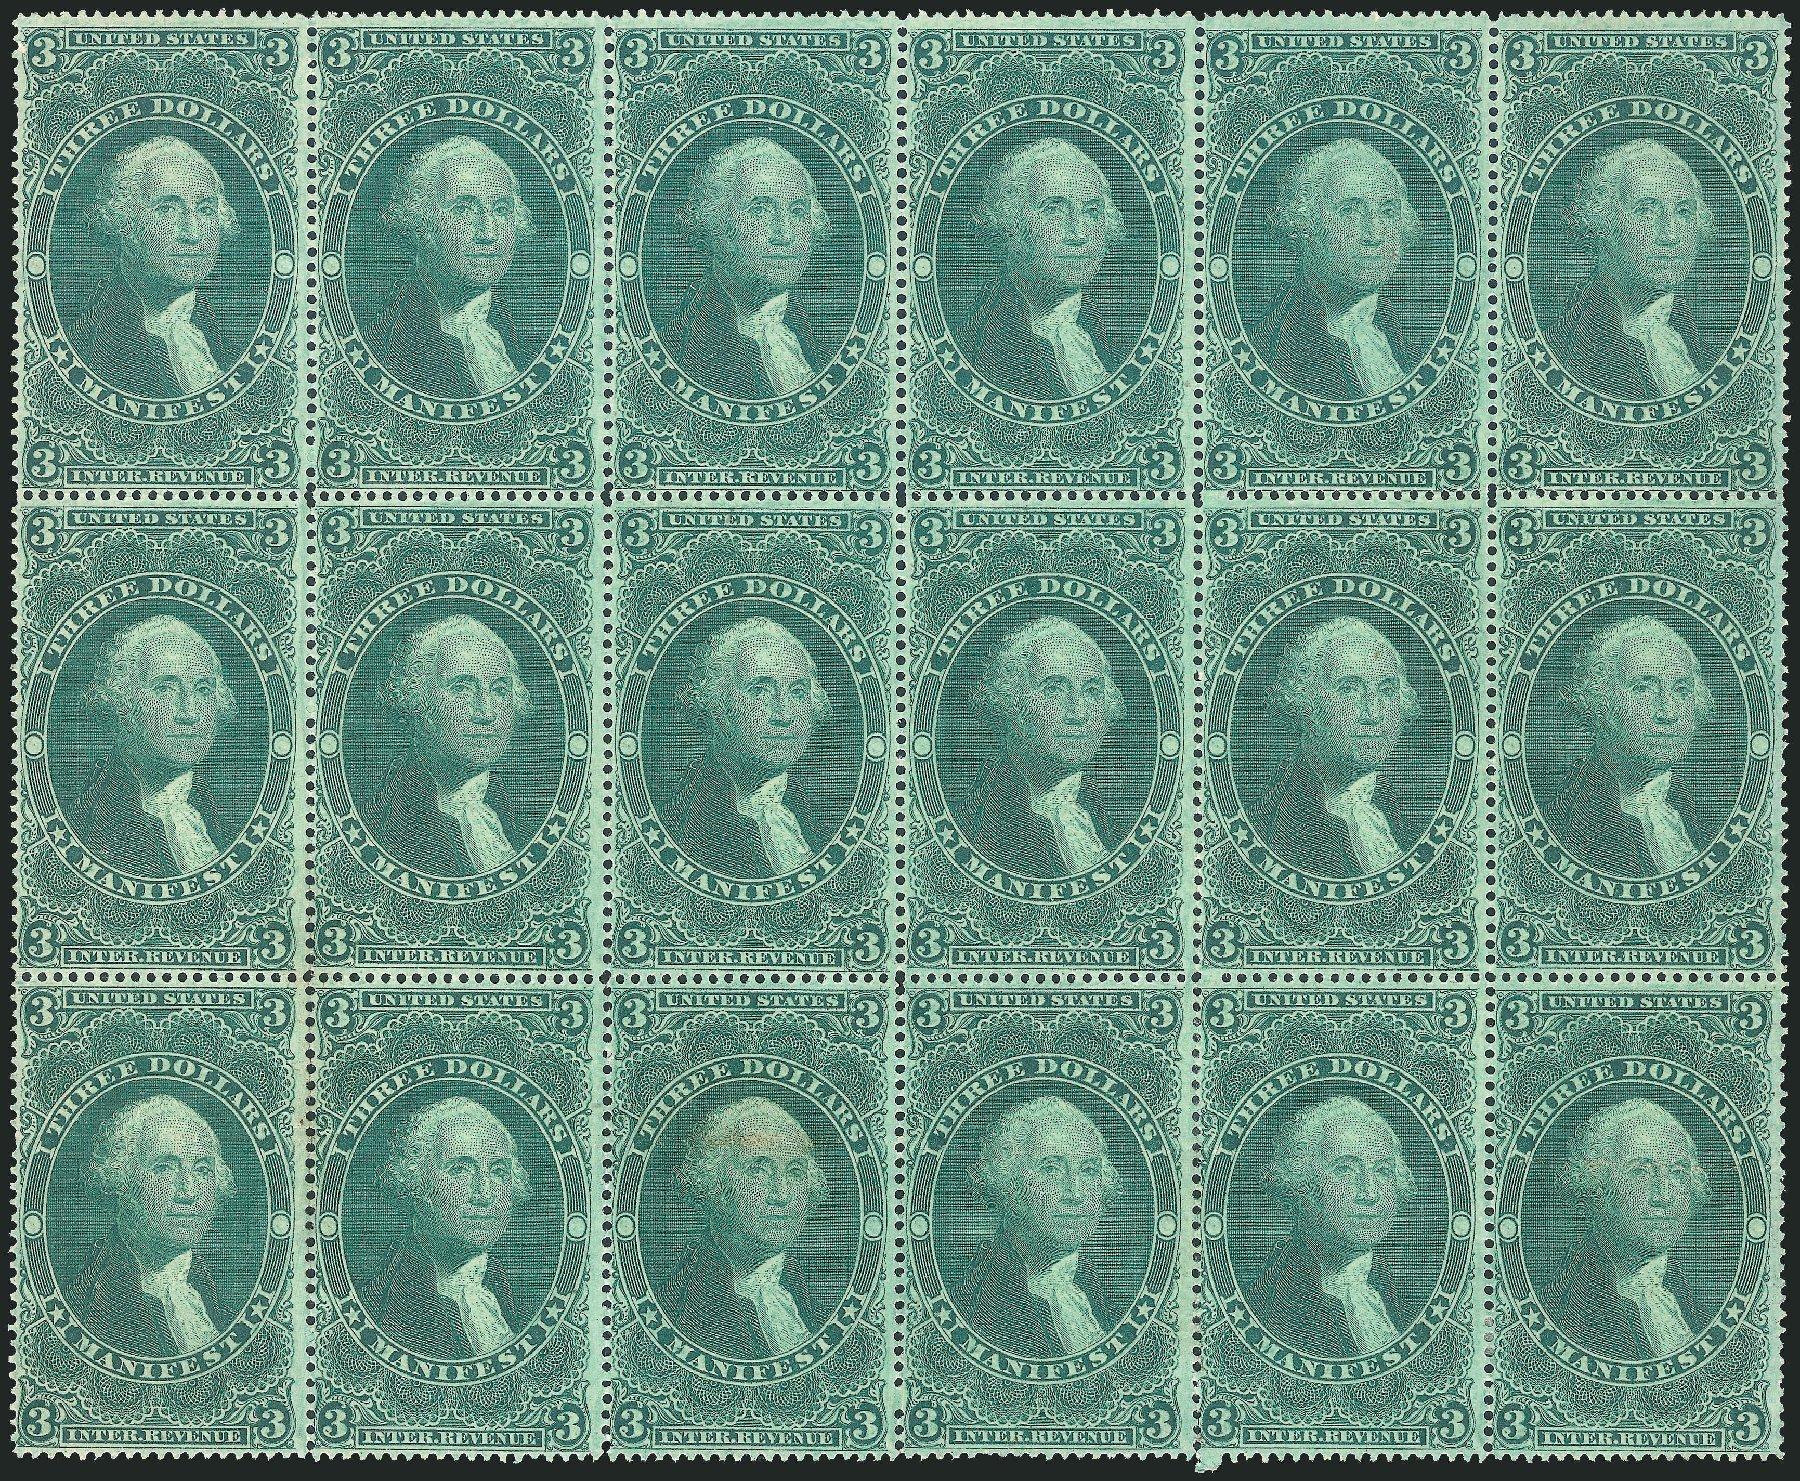 Prices of US Stamps Scott Catalogue # R86 - US$3.00 1862 Revenue Manifest. Robert Siegel Auction Galleries, Dec 2014, Sale 1089, Lot 434